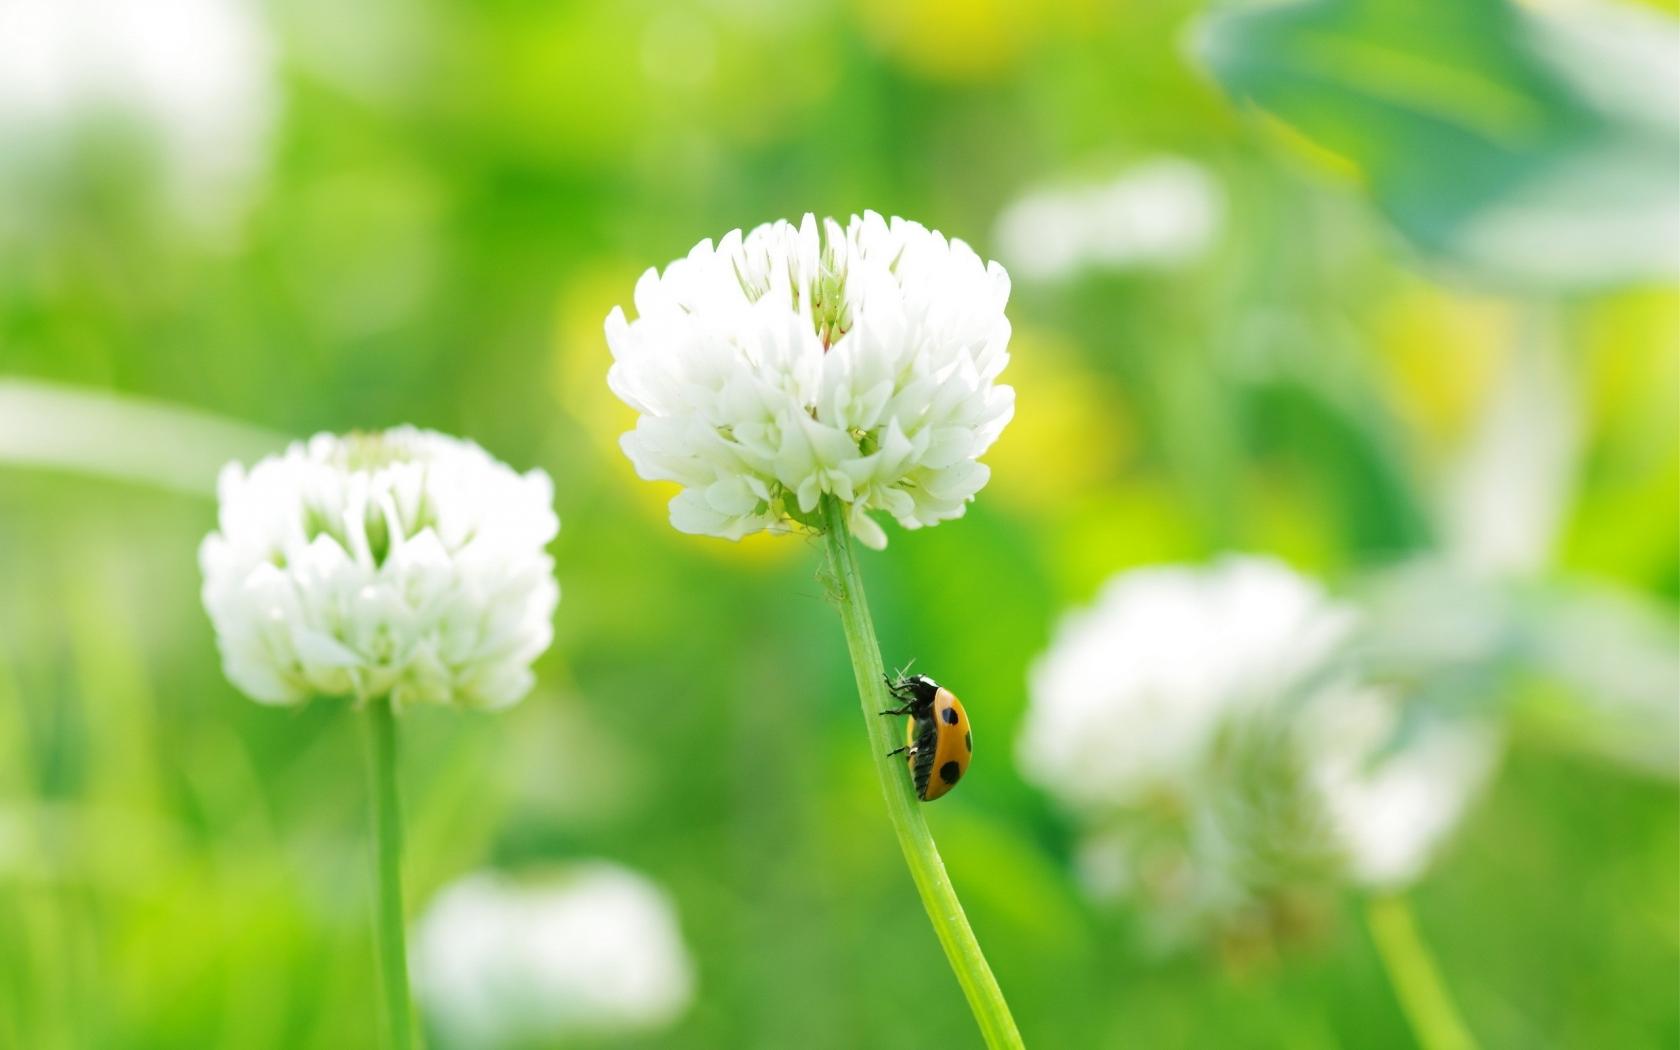 Flor y unos insectos - 1680x1050